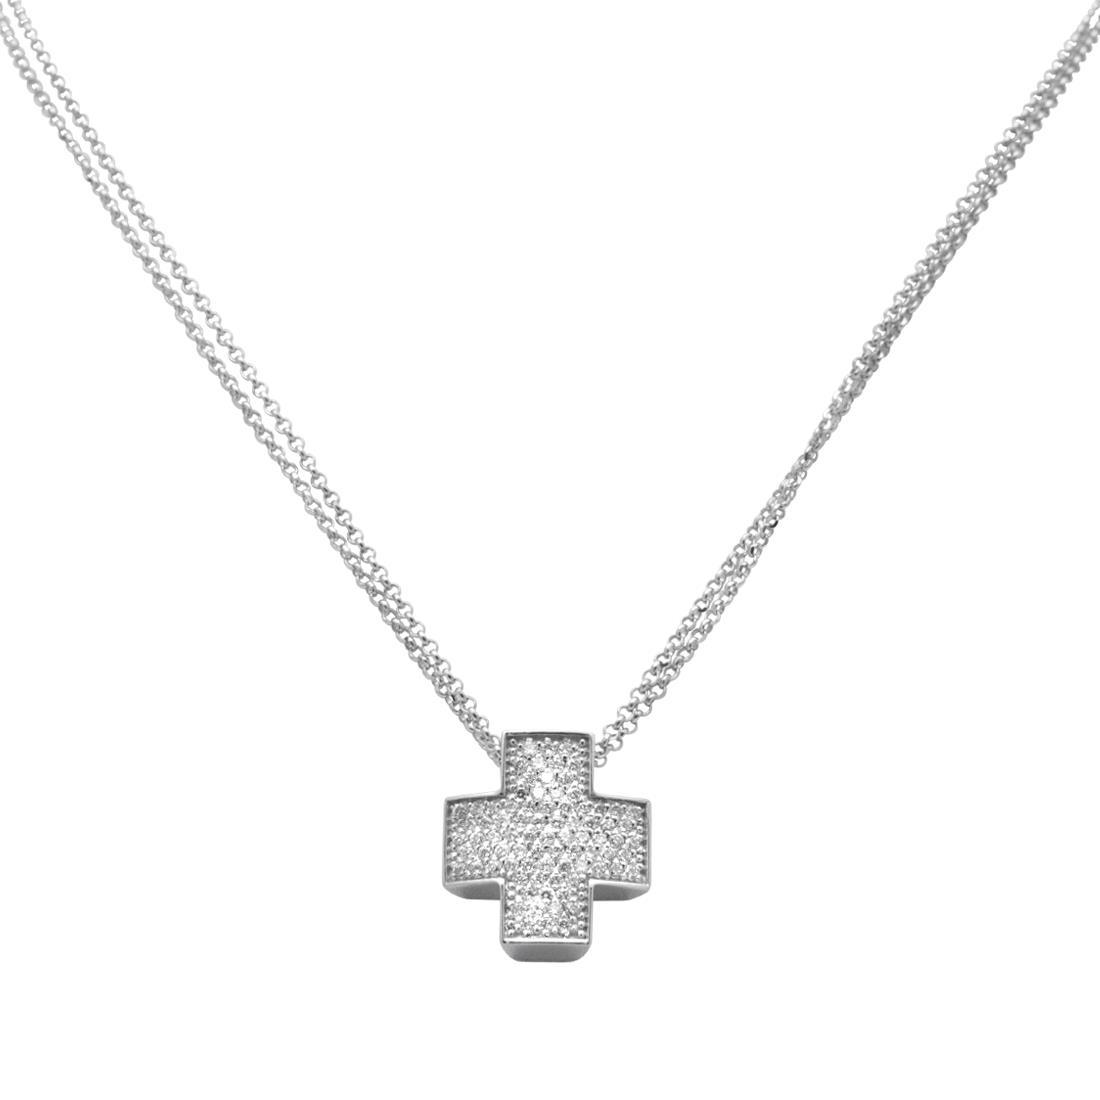 Collana con pendente in oro bianco e diamanti bianchi - ROBERTO DEMEGLIO